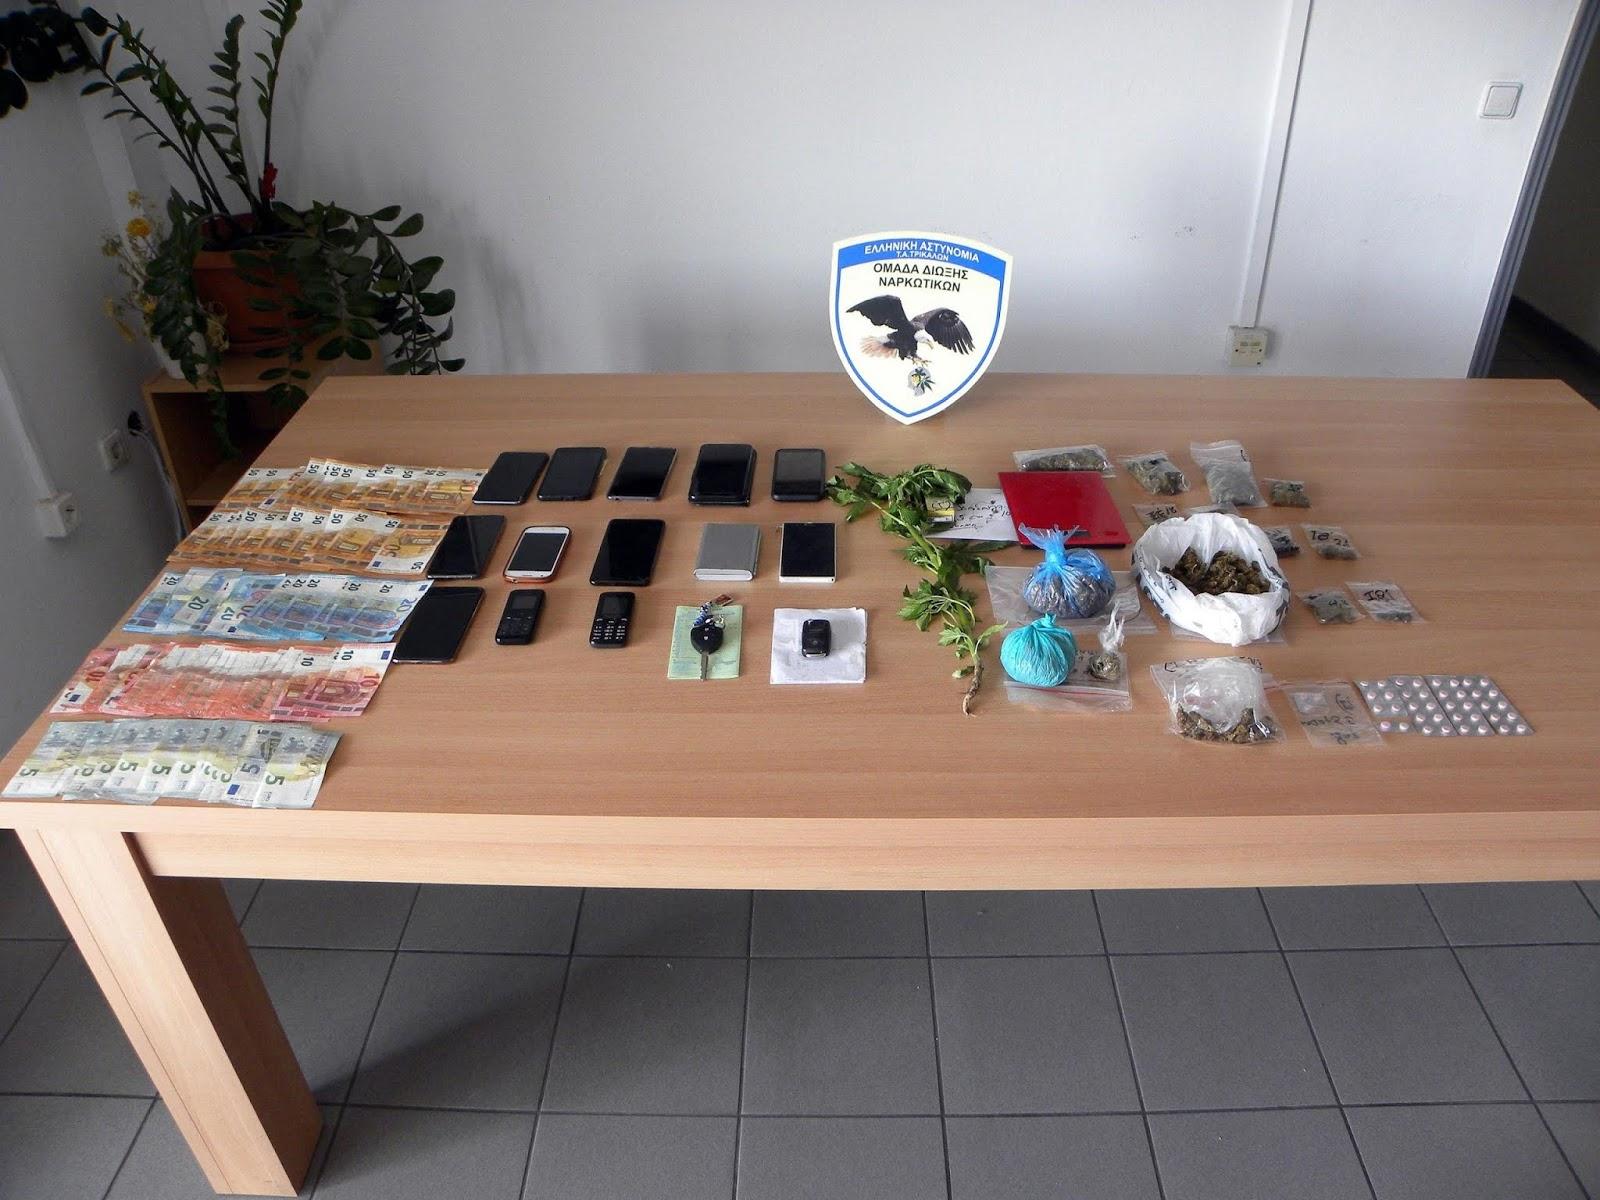 Εξαρθρώθηκαν δύο εγκληματικές οργανώσεις που διακινούσαν ναρκωτικά στα Τρίκαλα